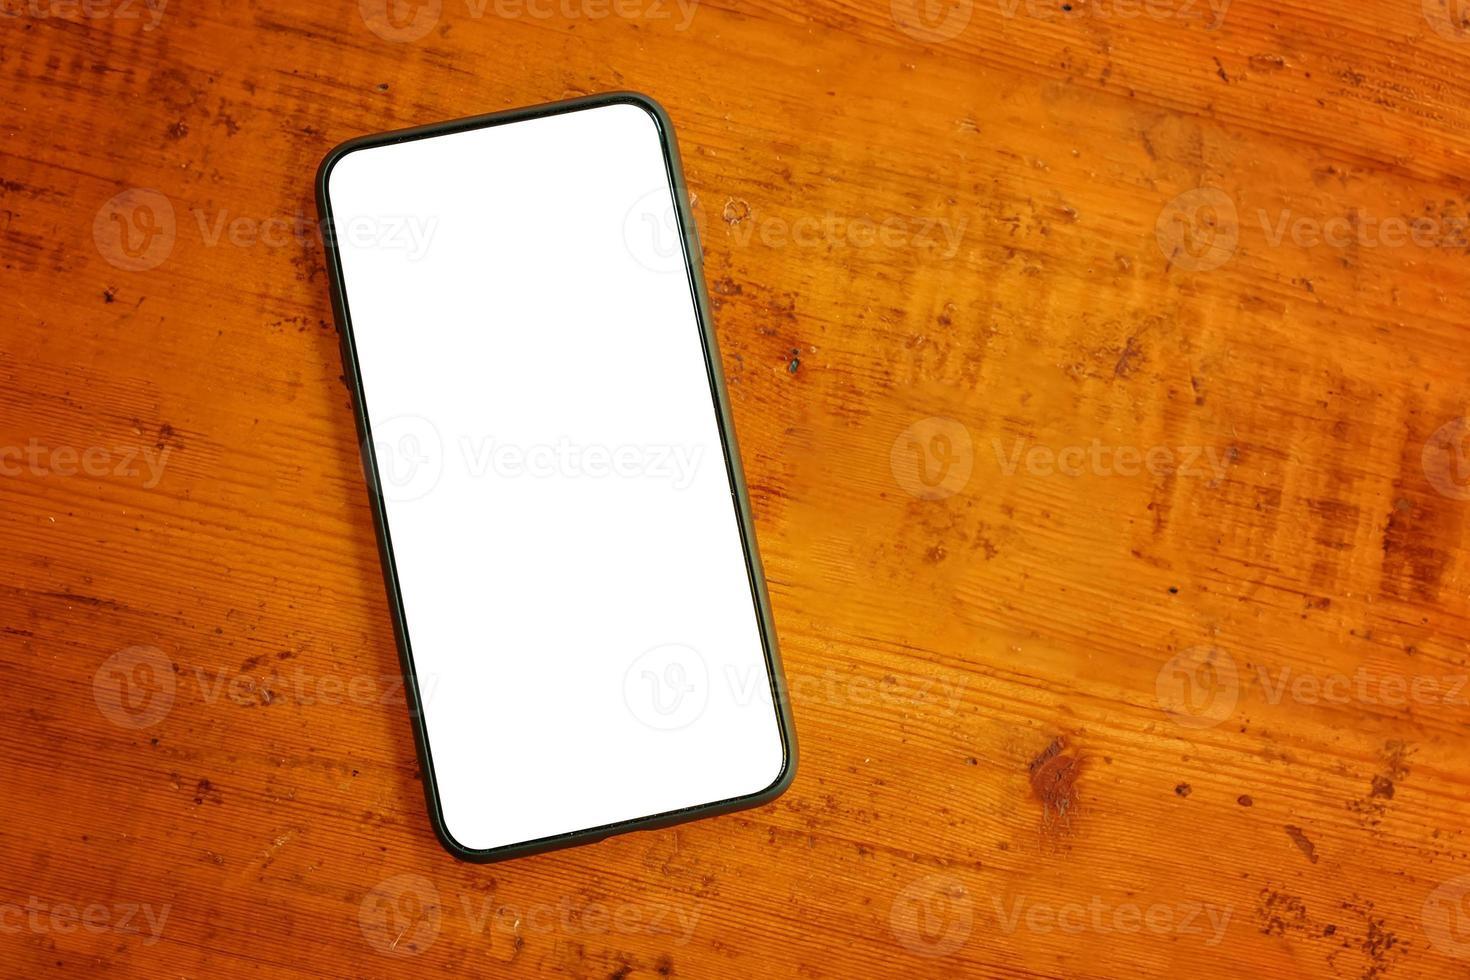 platt låg av mobiltelefon på träbord foto